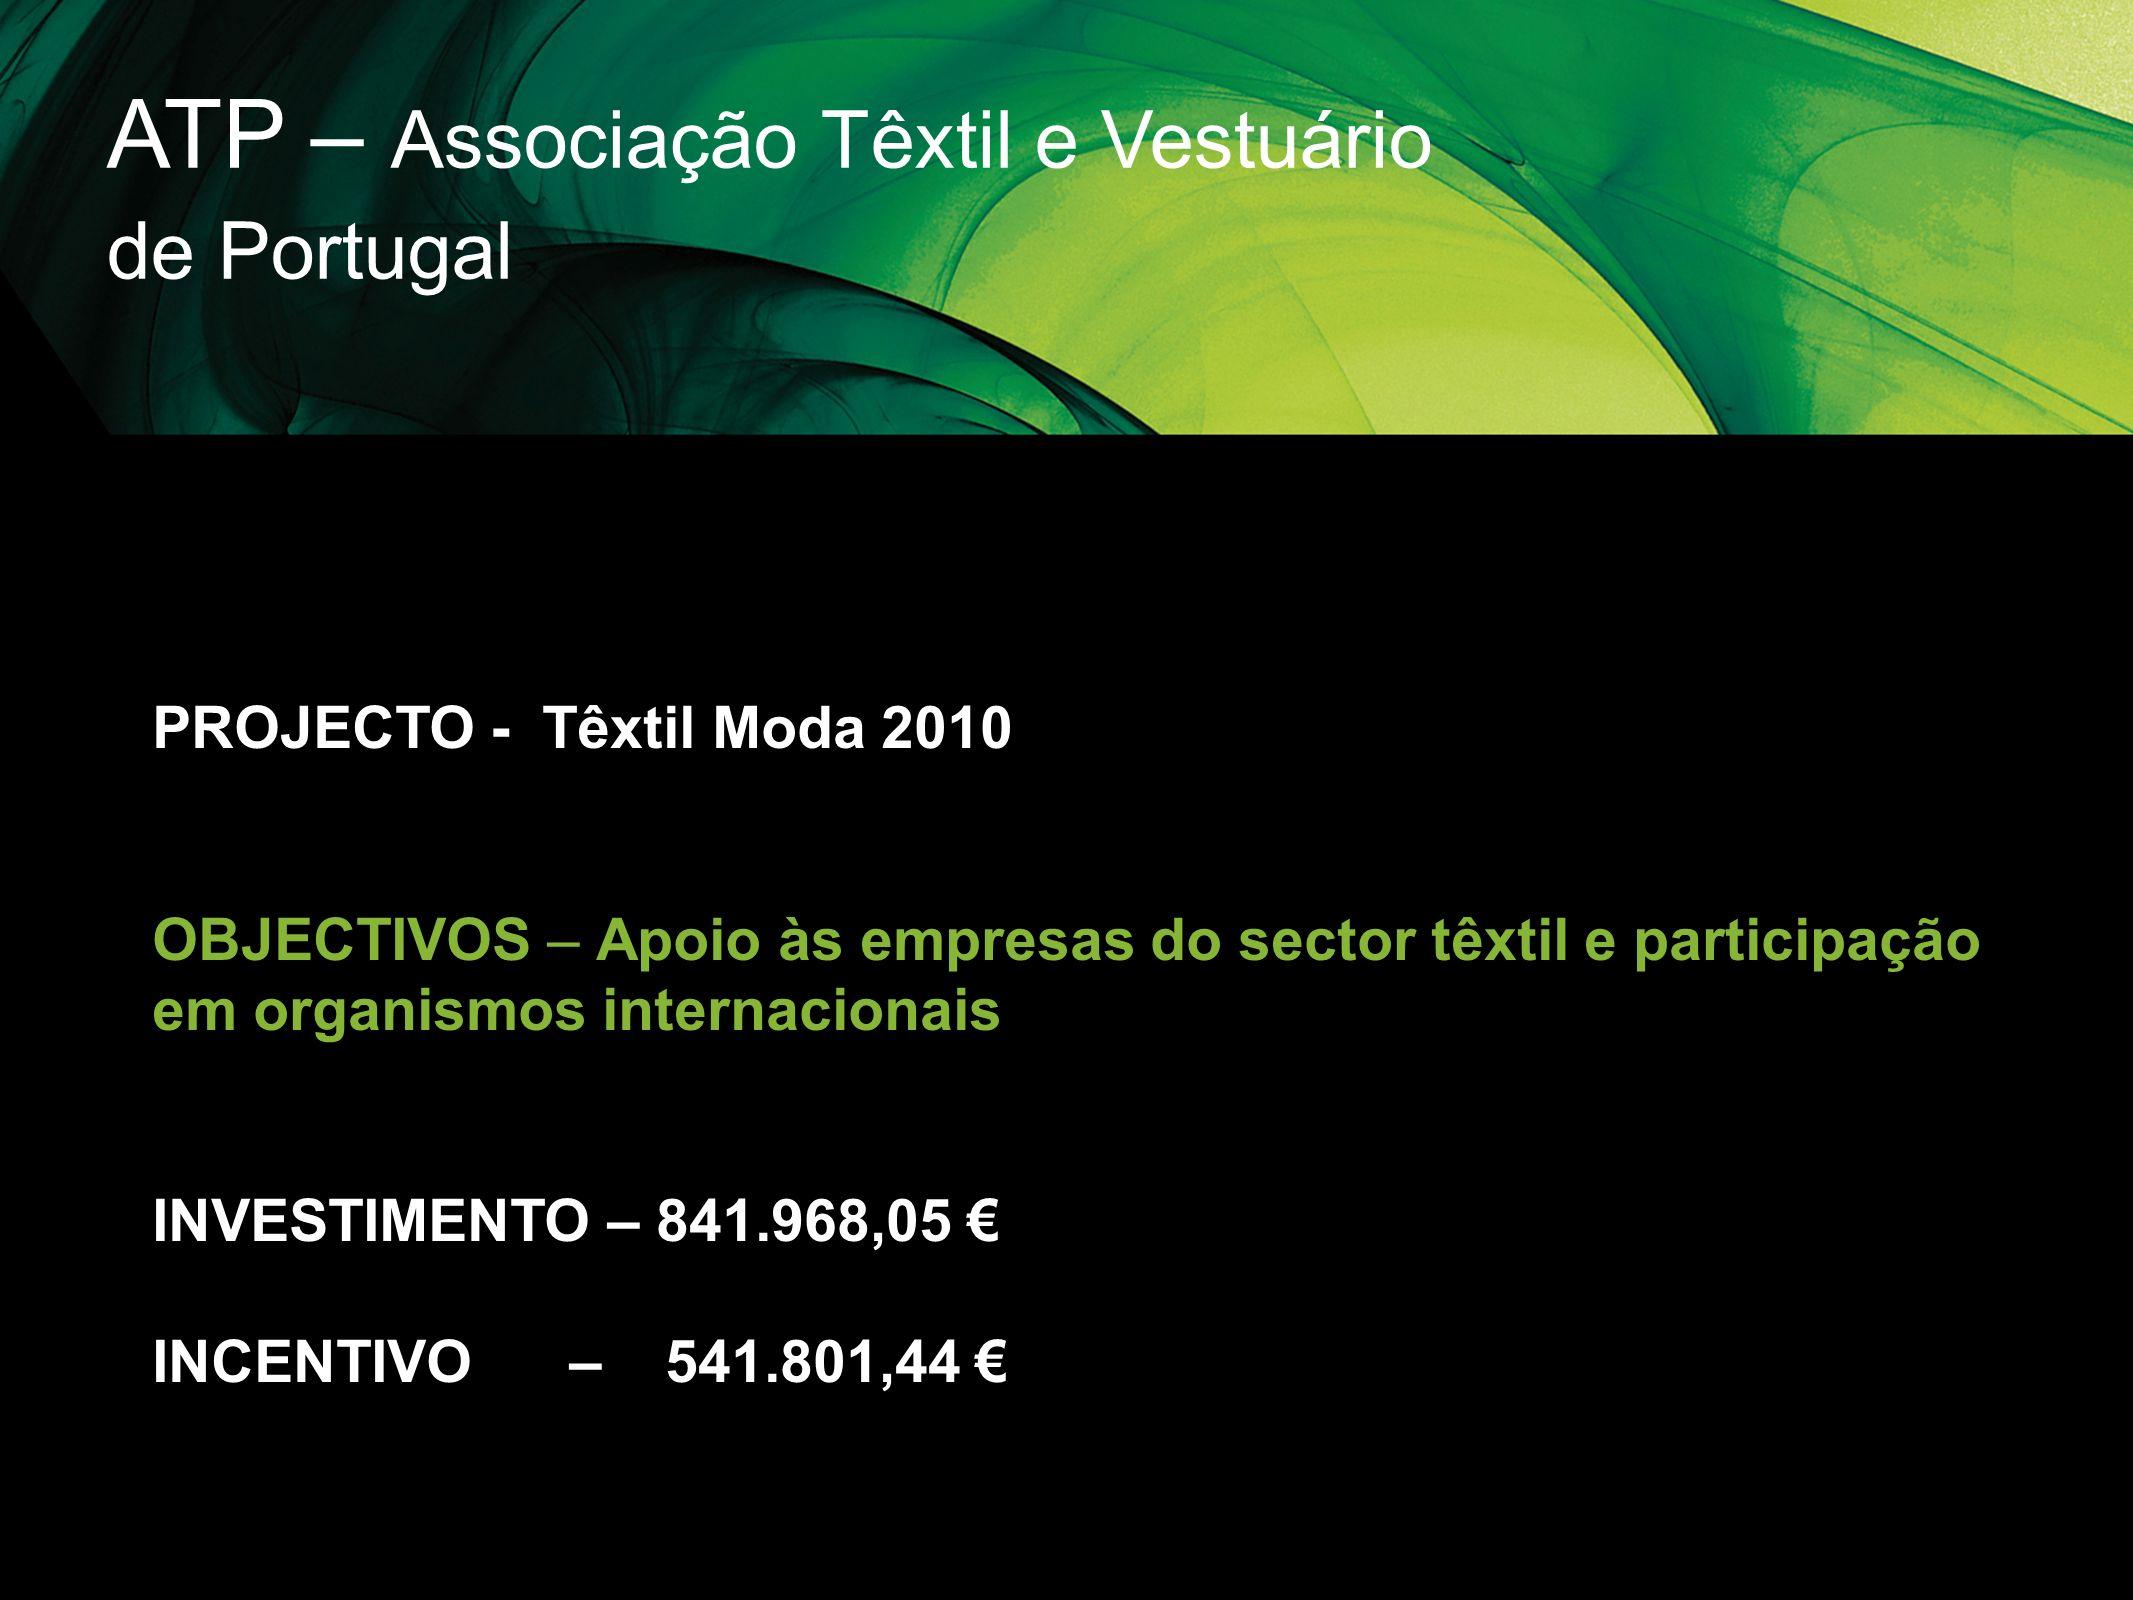 ATP – Associação Têxtil e Vestuário de Portugal